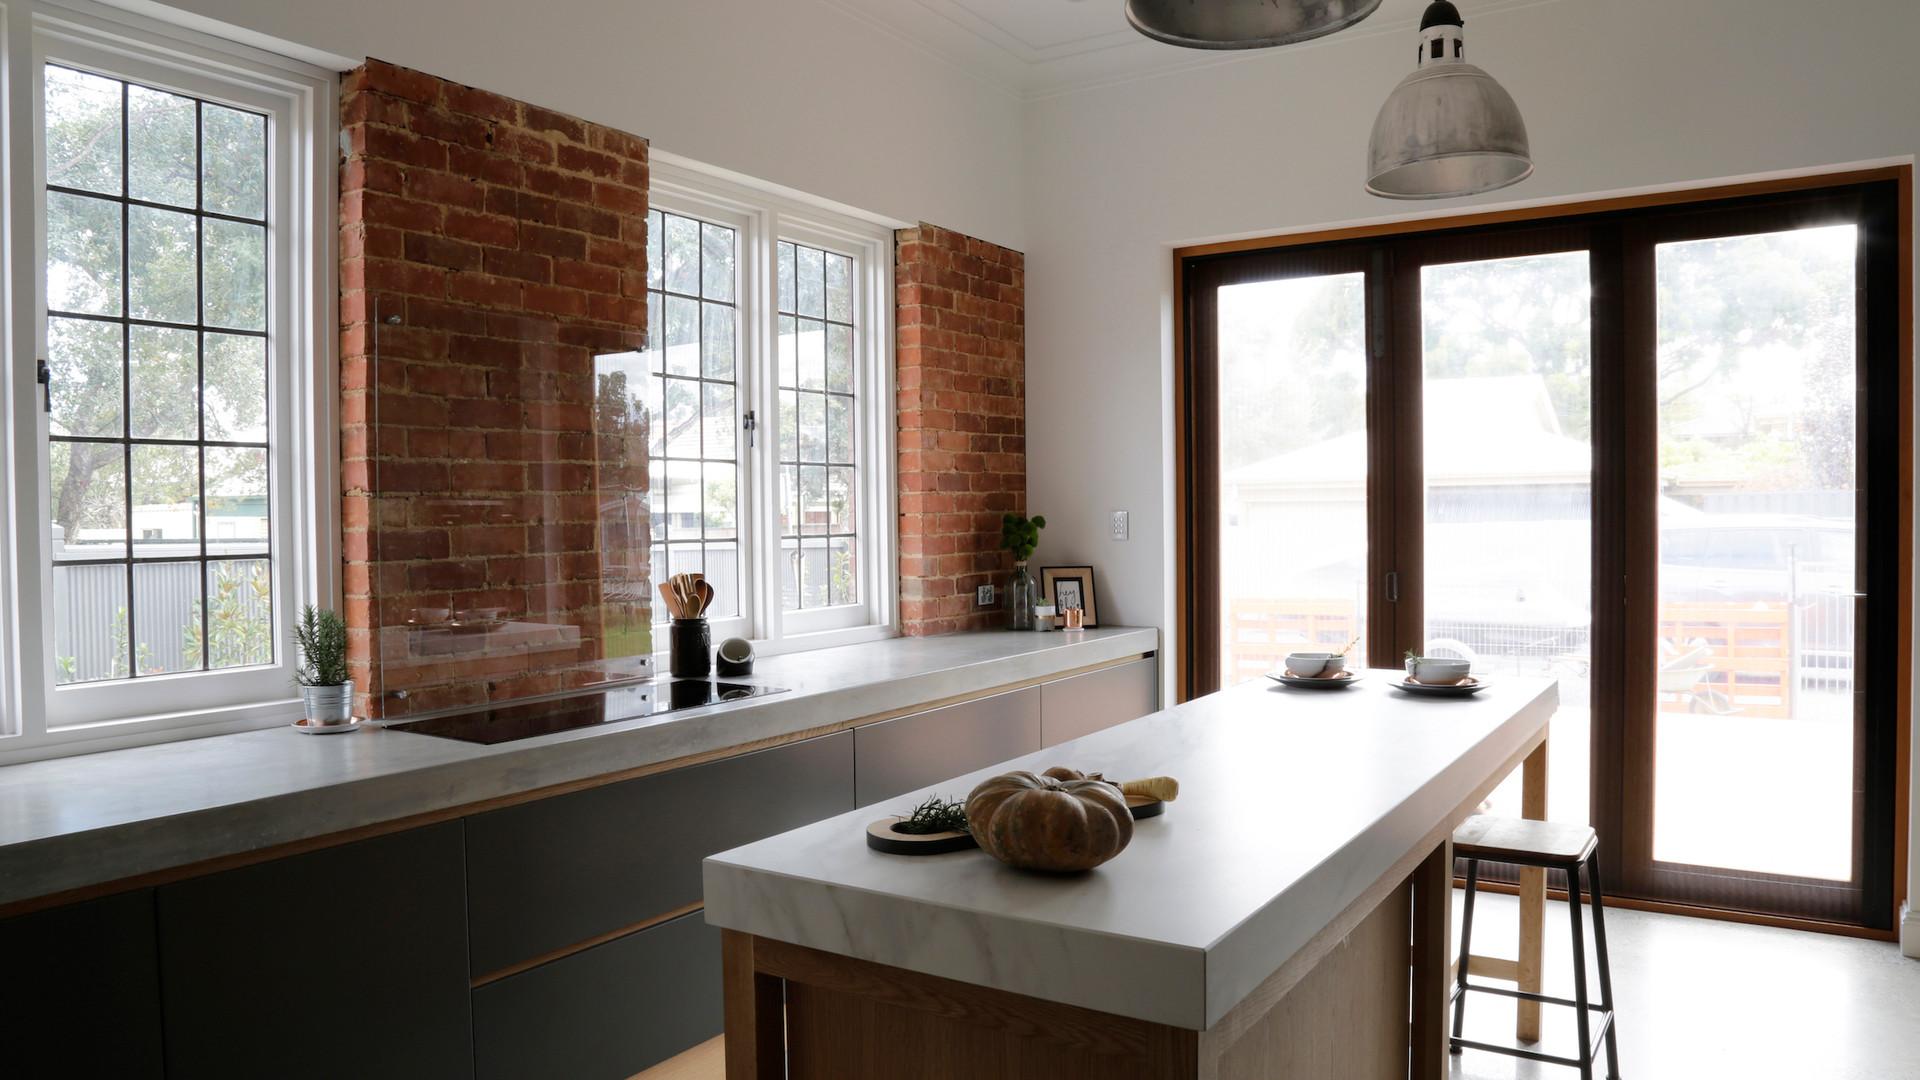 Unley Park Kitchen Design